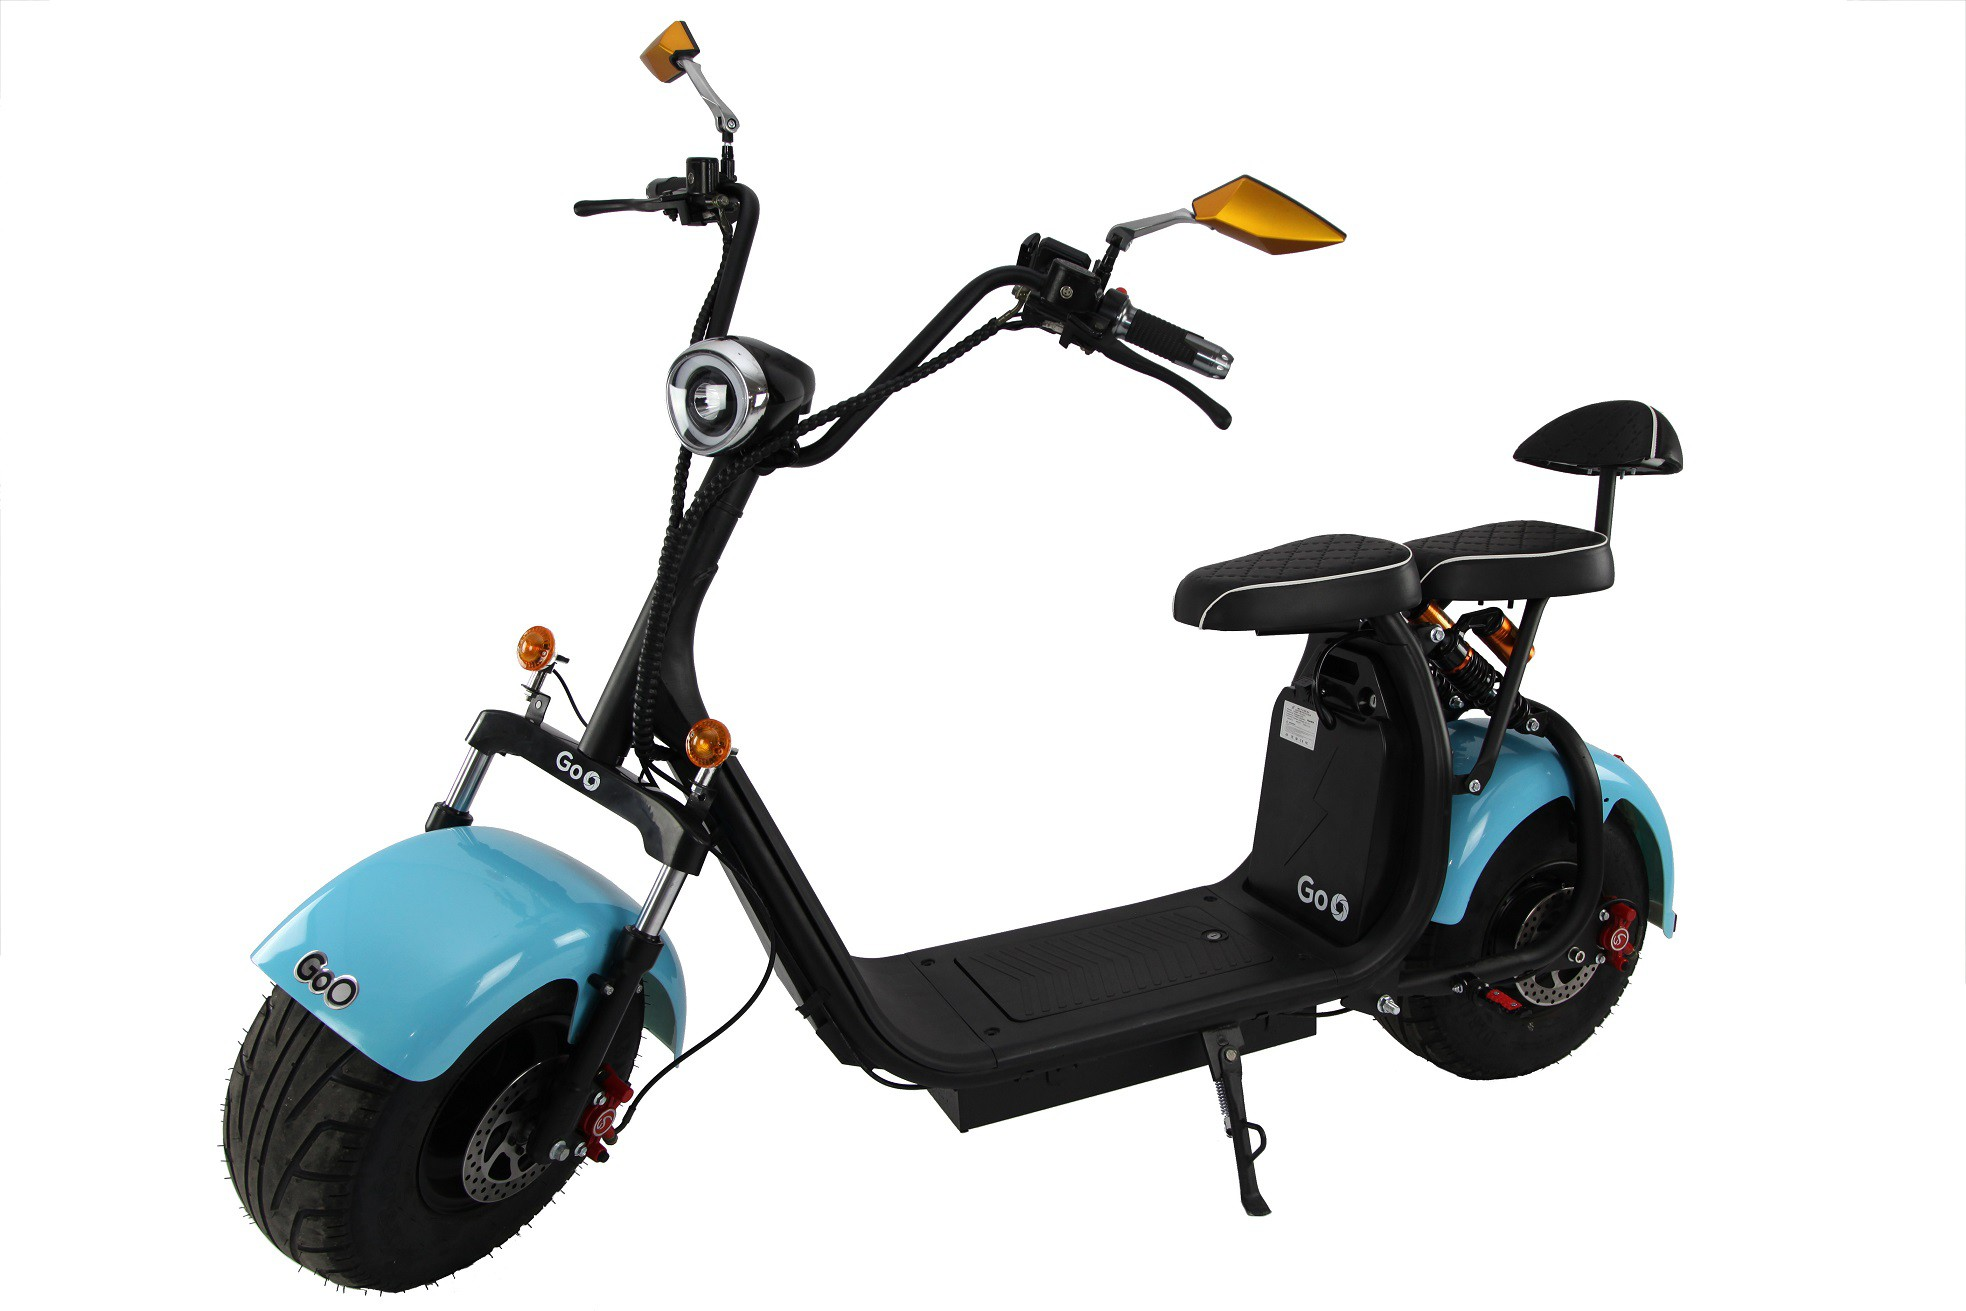 Jogo de Para-lamas Azul claro com seta scooter elétrica citycoco